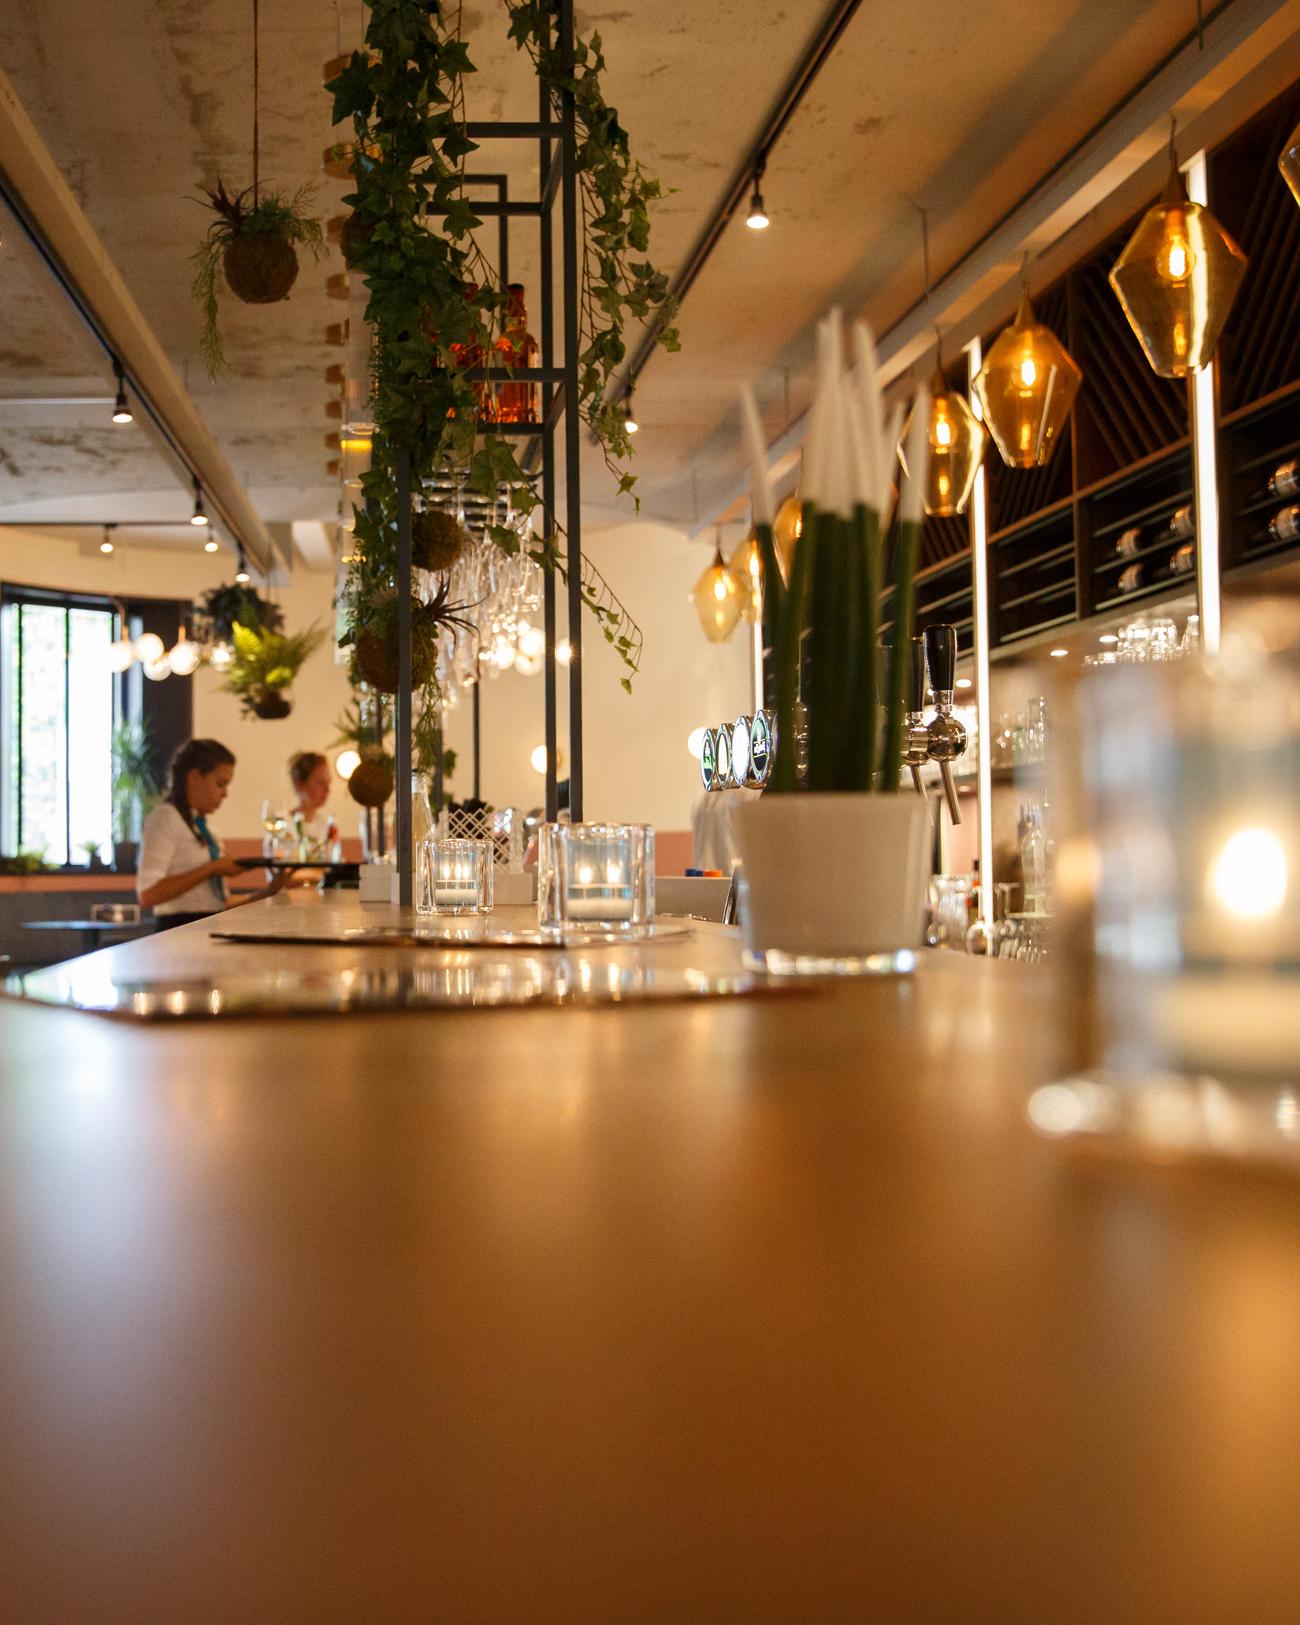 Bedrijfsfotografie restaurant sfeerbeeld bedrijfsreportage restaurant Berlage Eindhoven Kim Vos